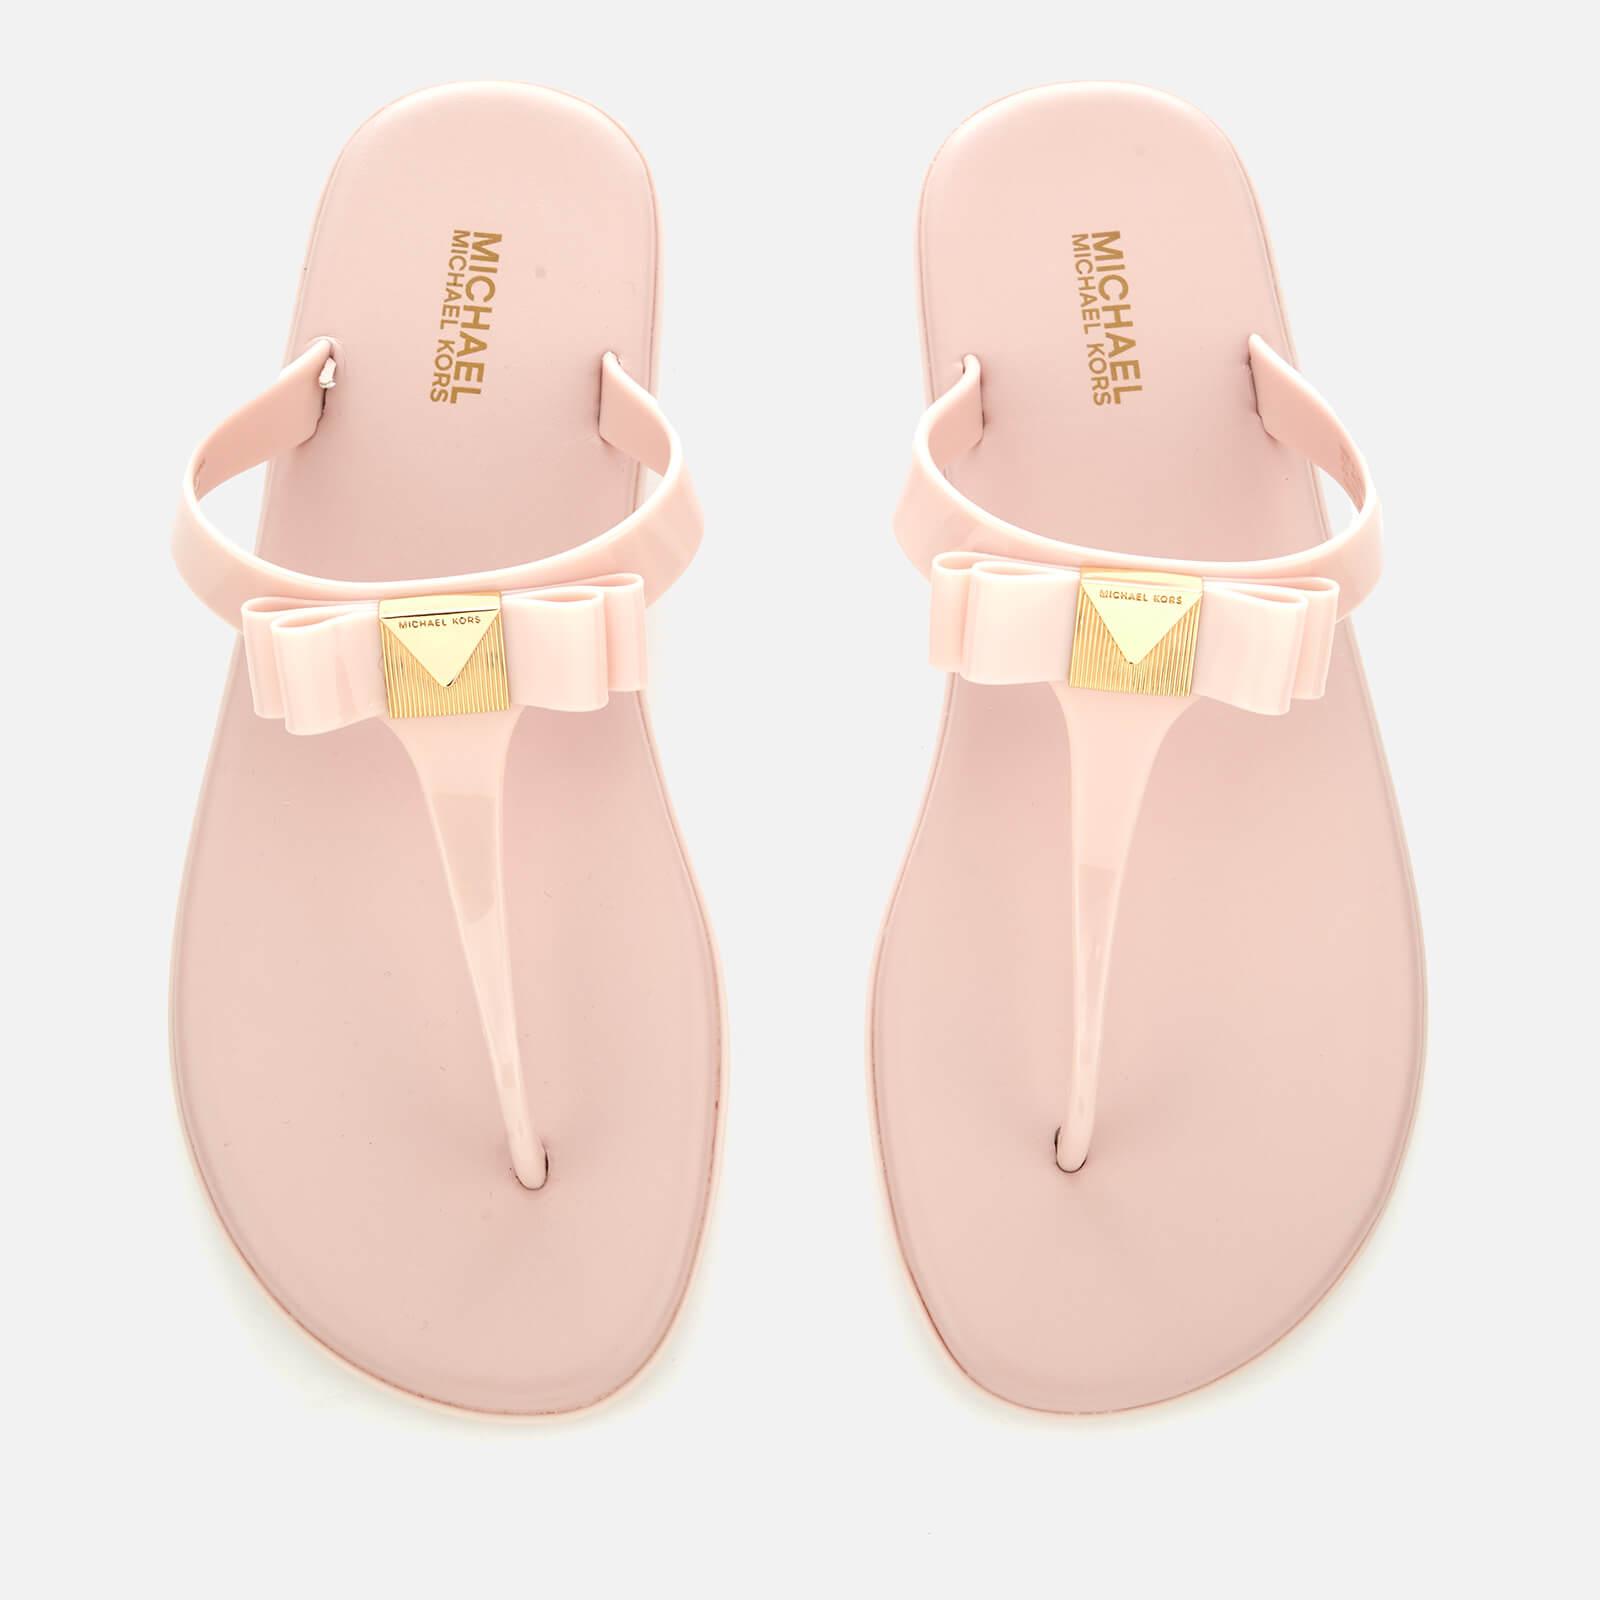 4d96b6adb MICHAEL MICHAEL KORS Women s Caroline Jelly Toe Post Sandals - Soft Pink  Womens Footwear